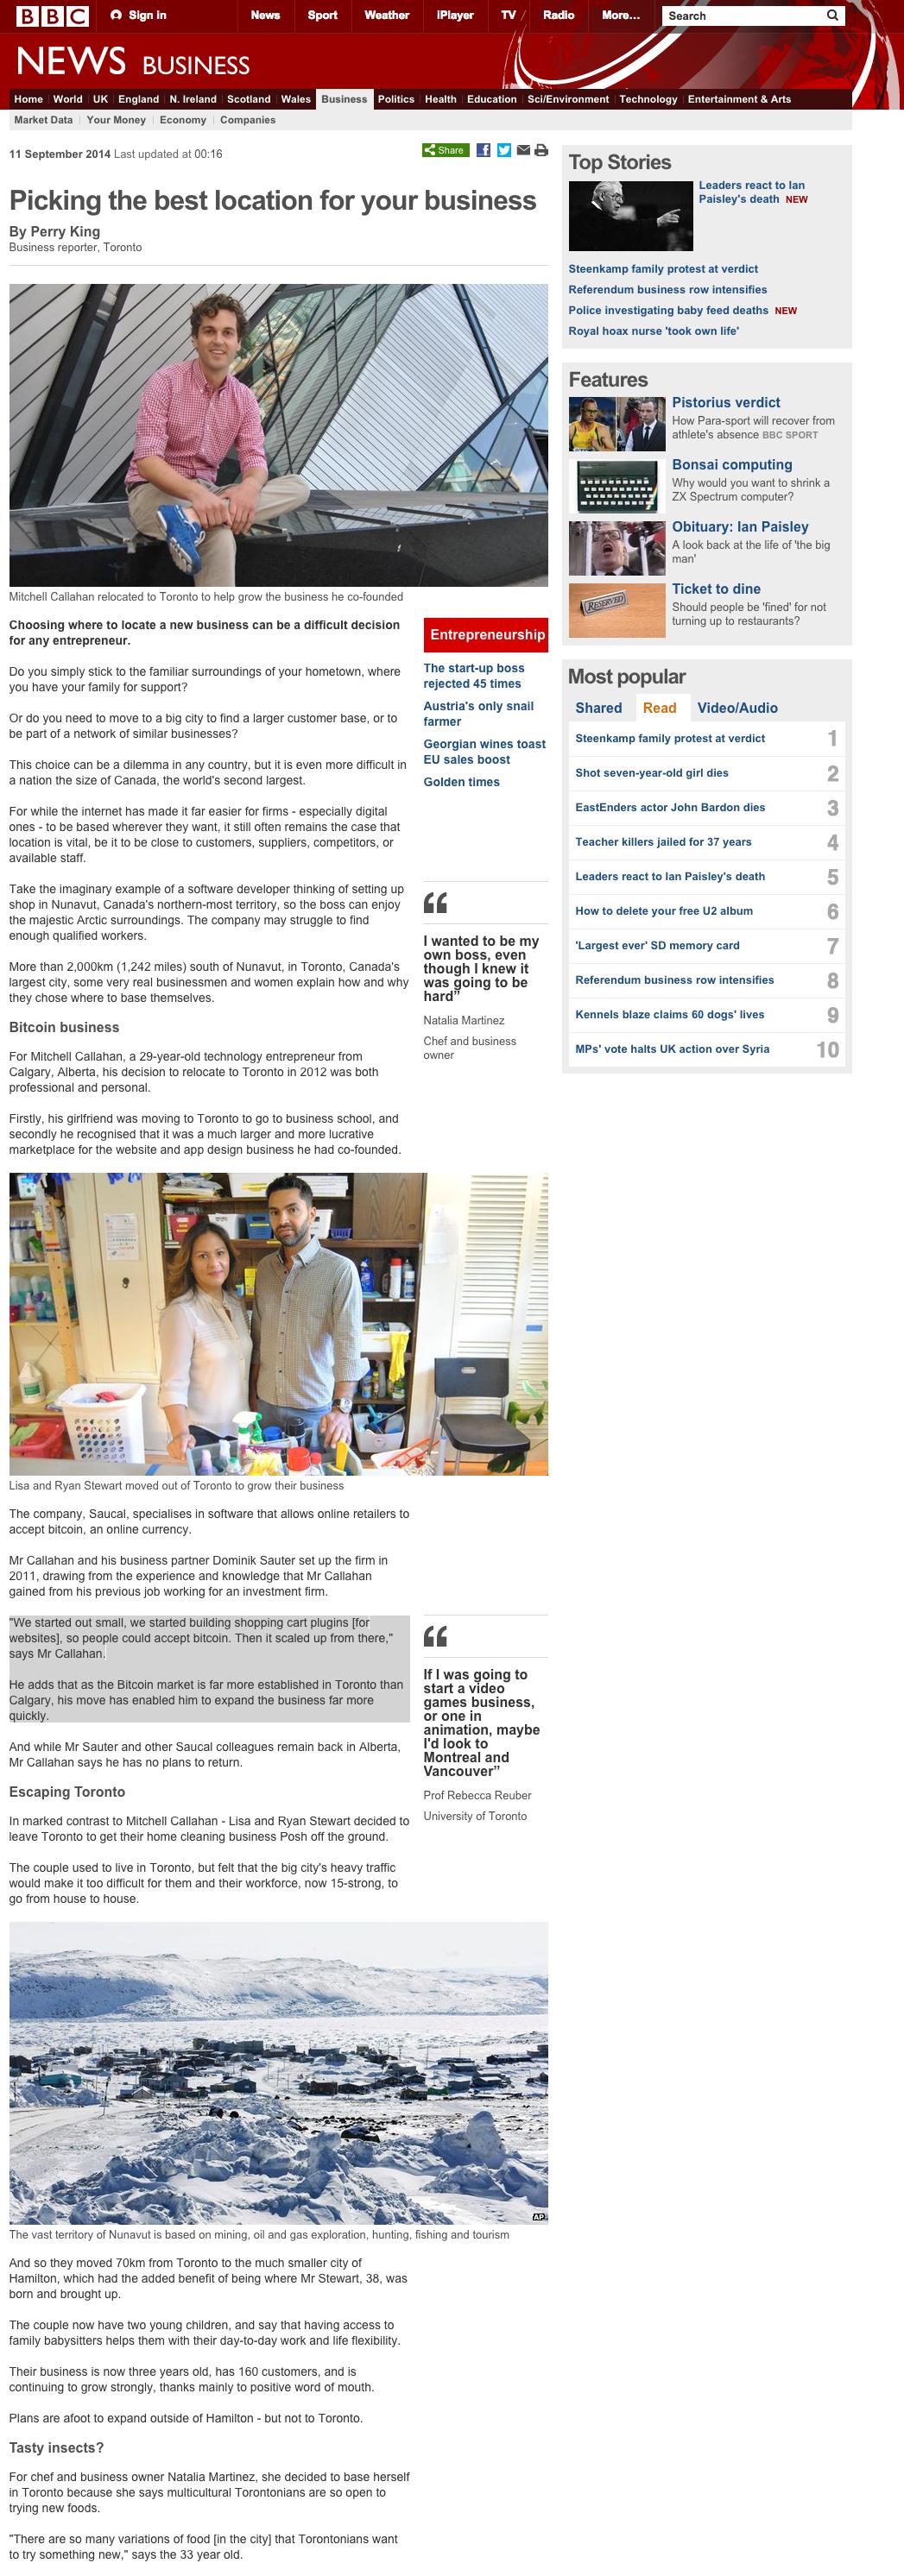 Mojito in BBC News